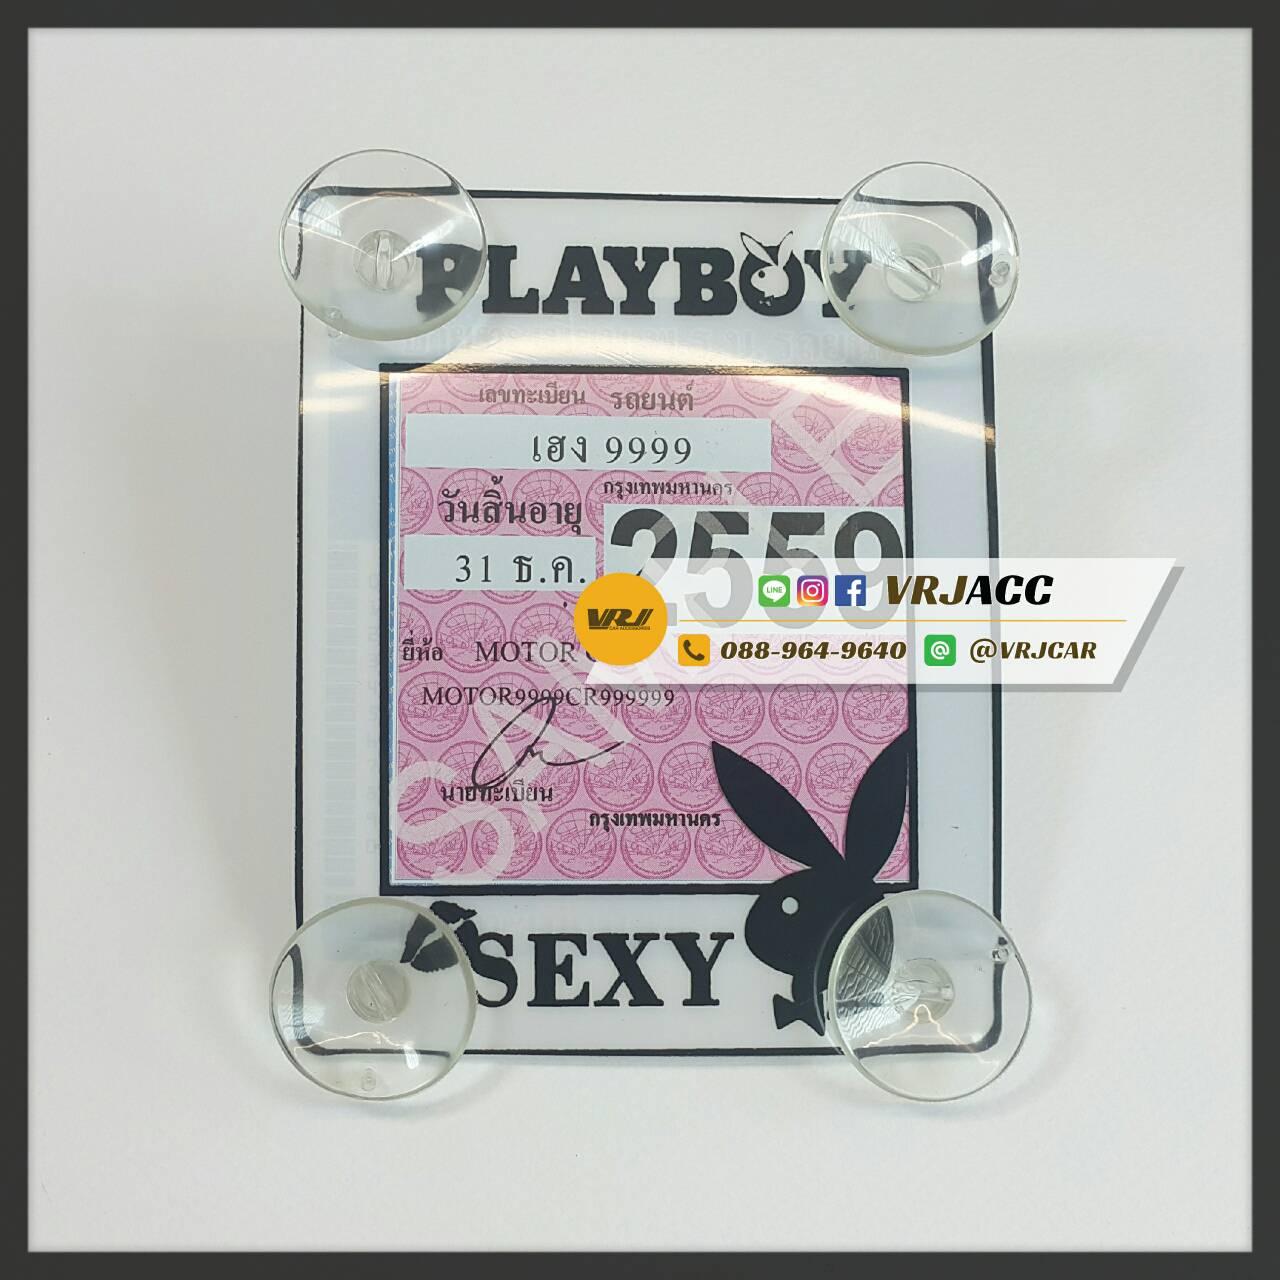 จุ๊บพรบ จุ๊บติดพรบรถยนต์ กรอบป้าย พ.ร.บ กระต่าย เพลยบอย Playboy ขาว ดำ